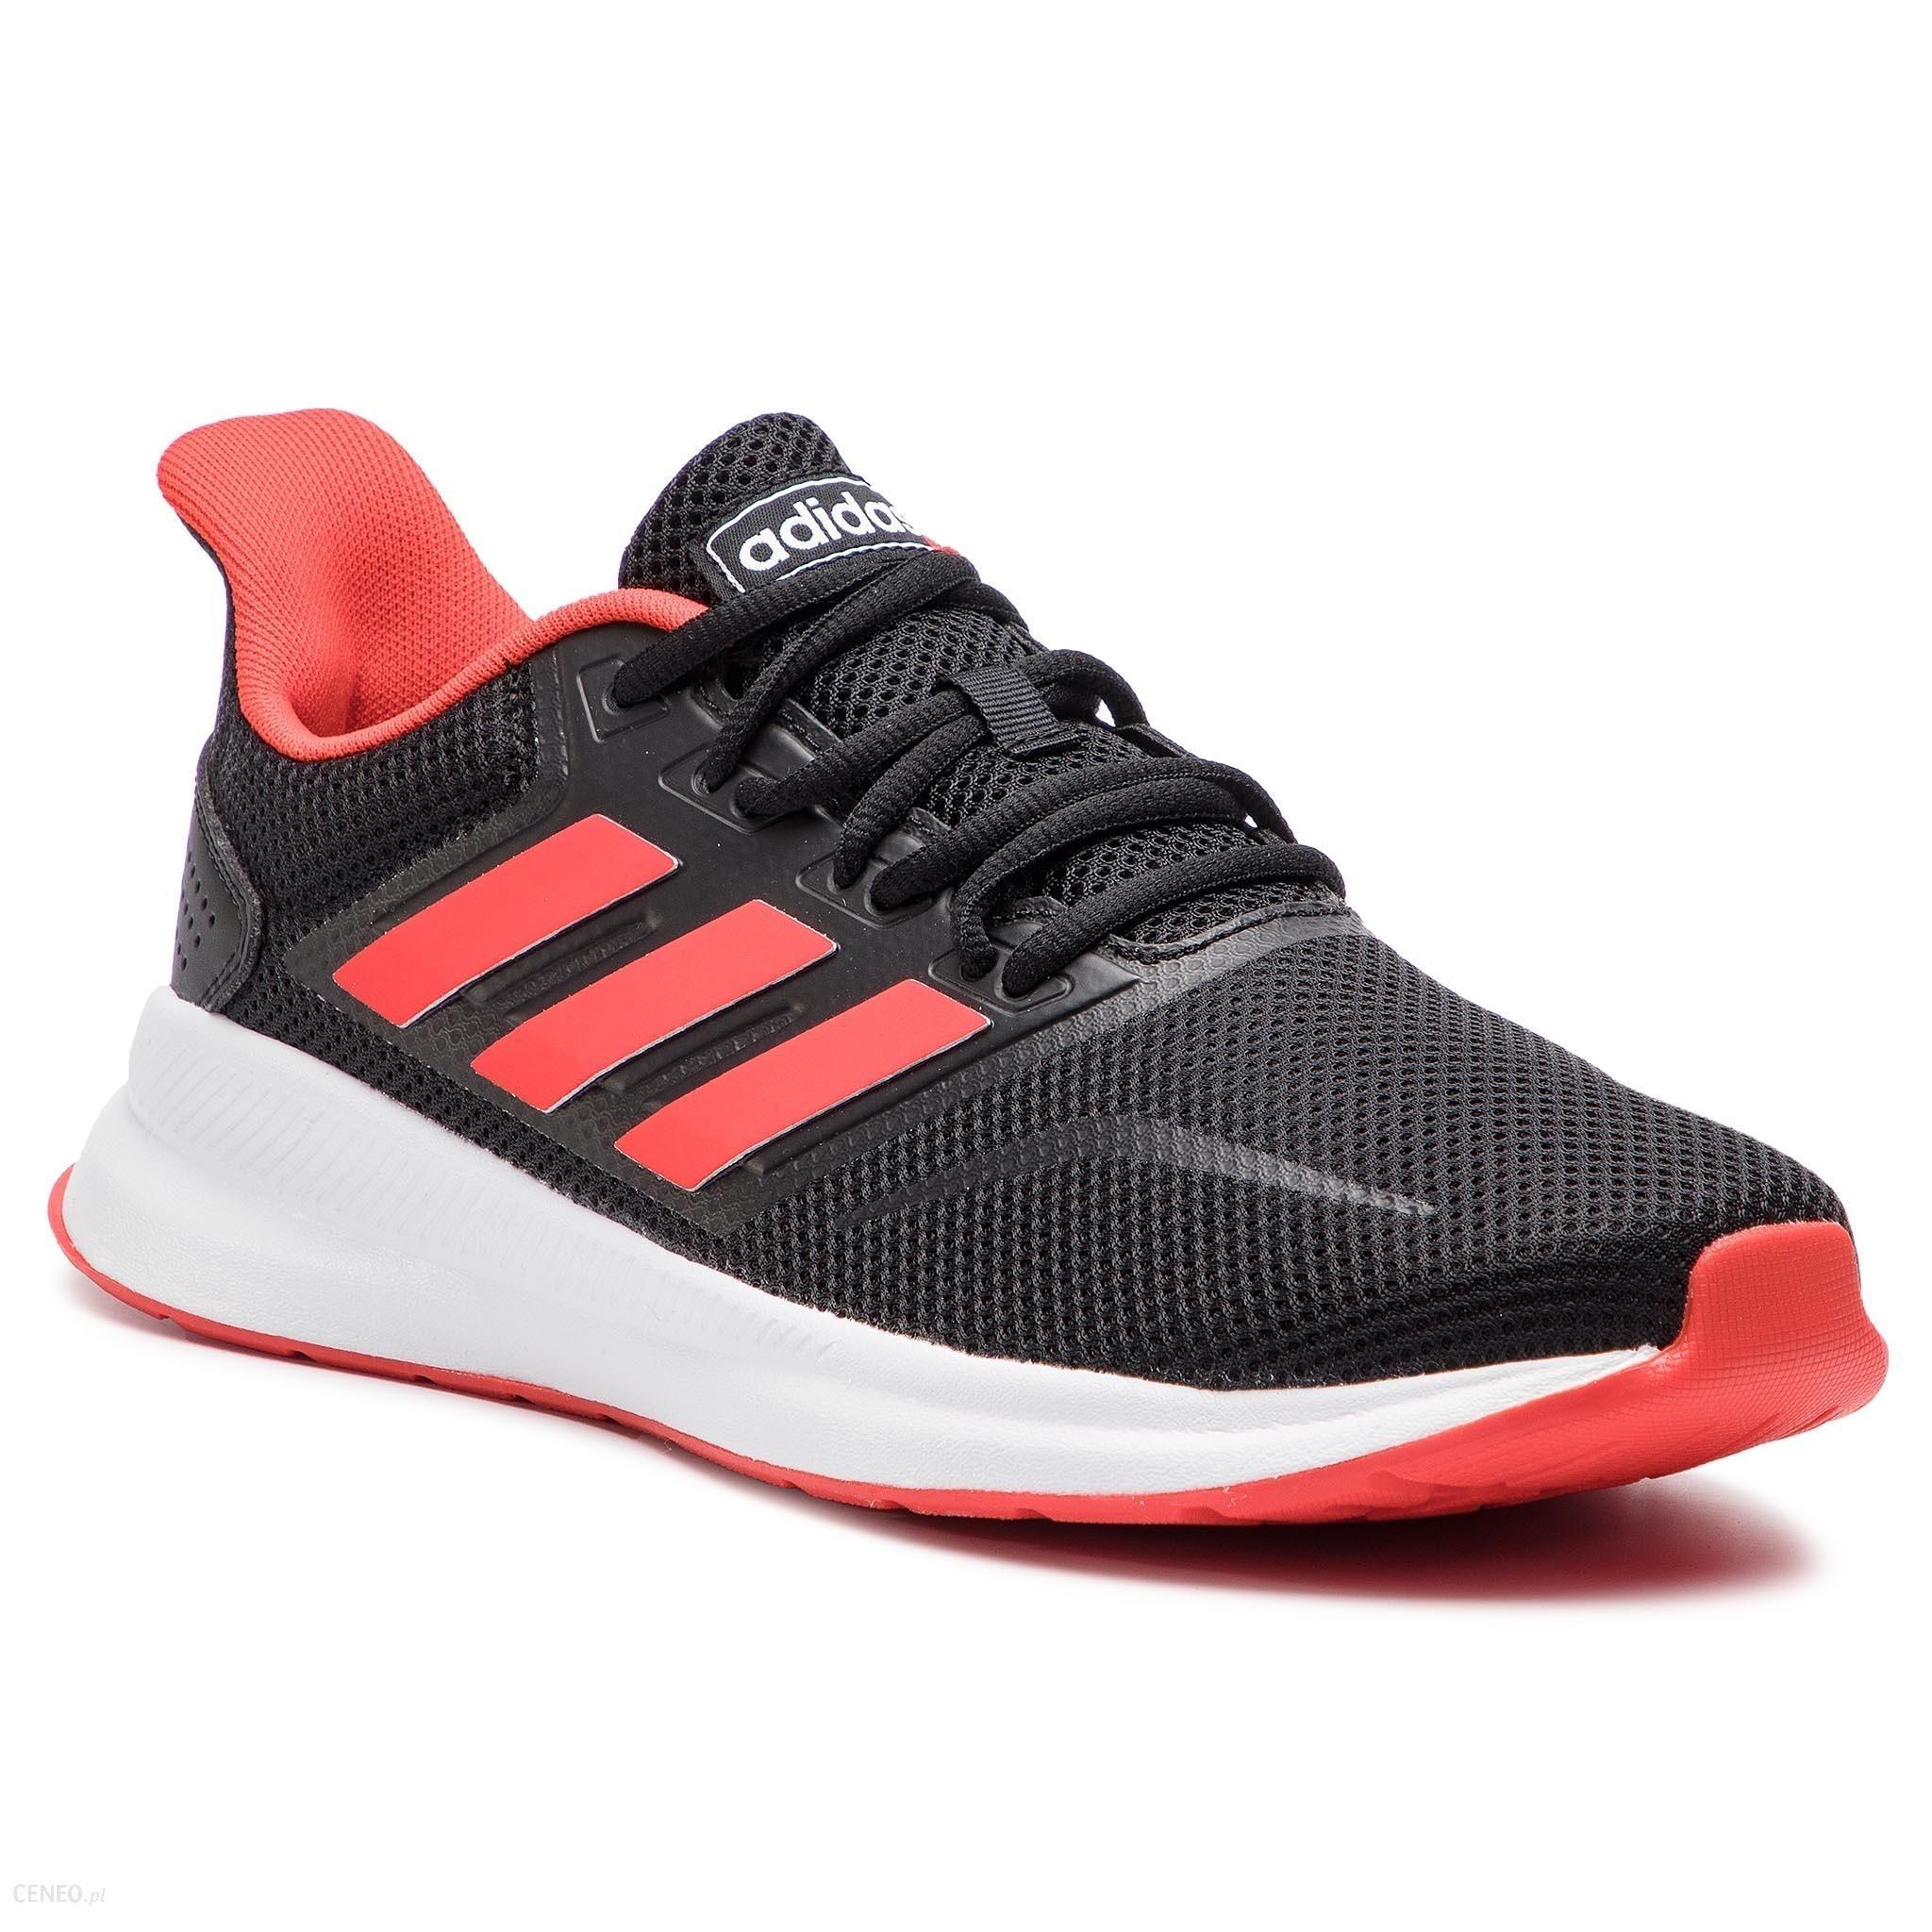 Orientar Millas Error  Adidas : Zapatillas Hombre |Adidas RUNFALCON G28910 Negra y Roja mejor  precio online.